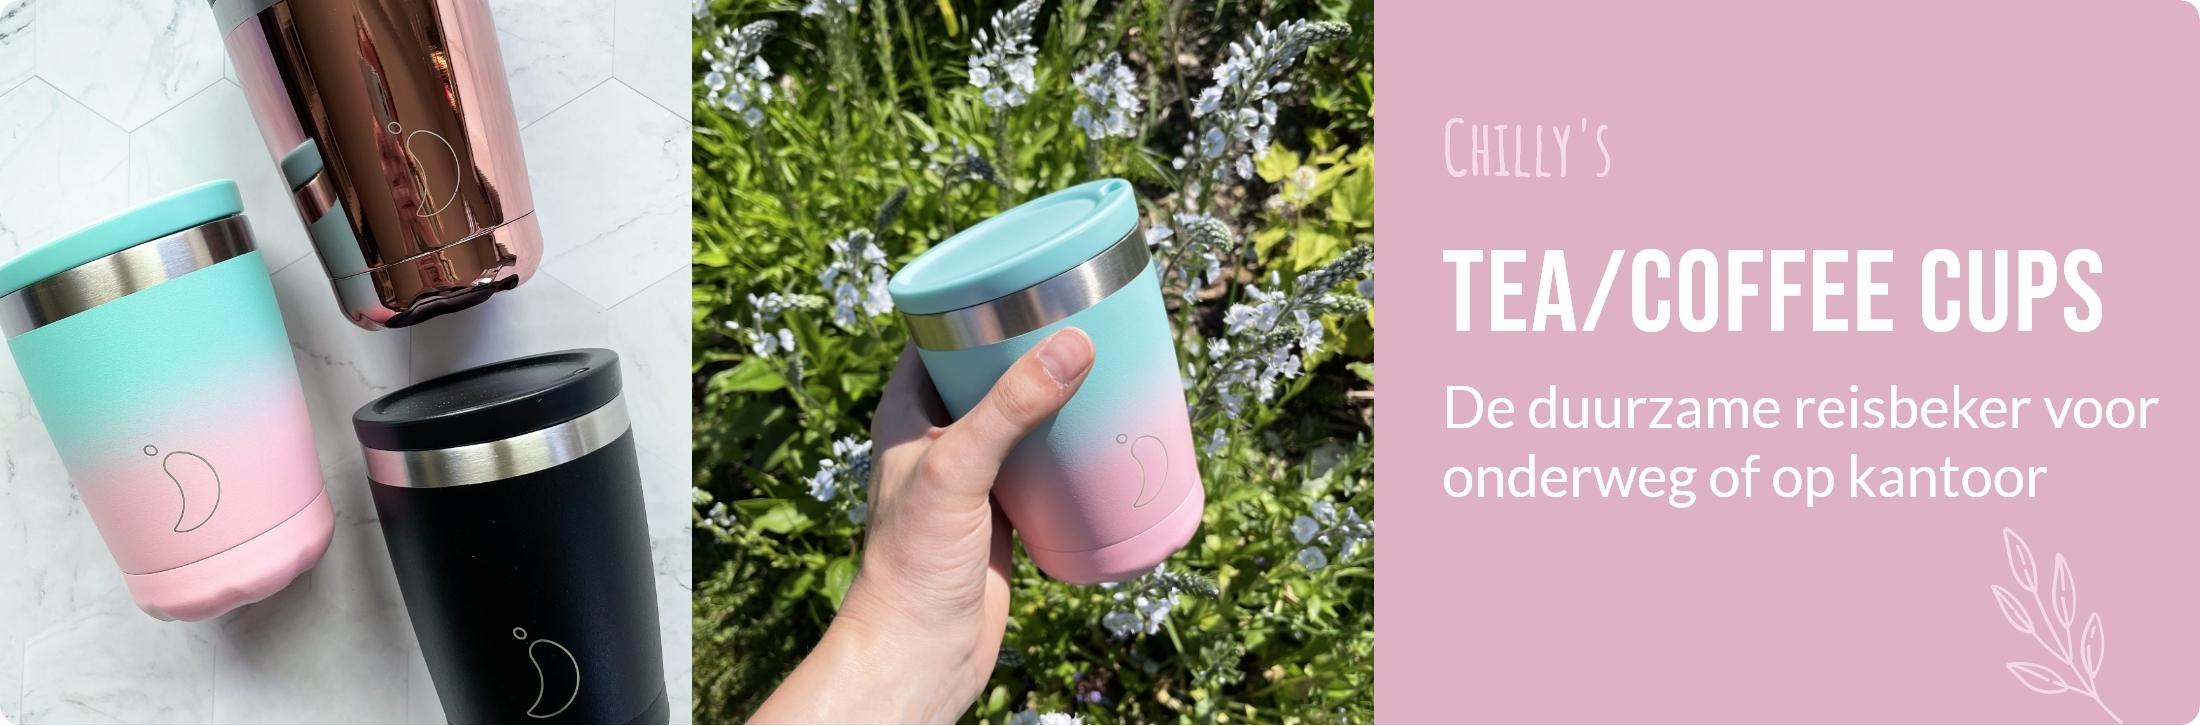 De Thee Winkel - Chilly's Bottles - Tea/Coffee Cups